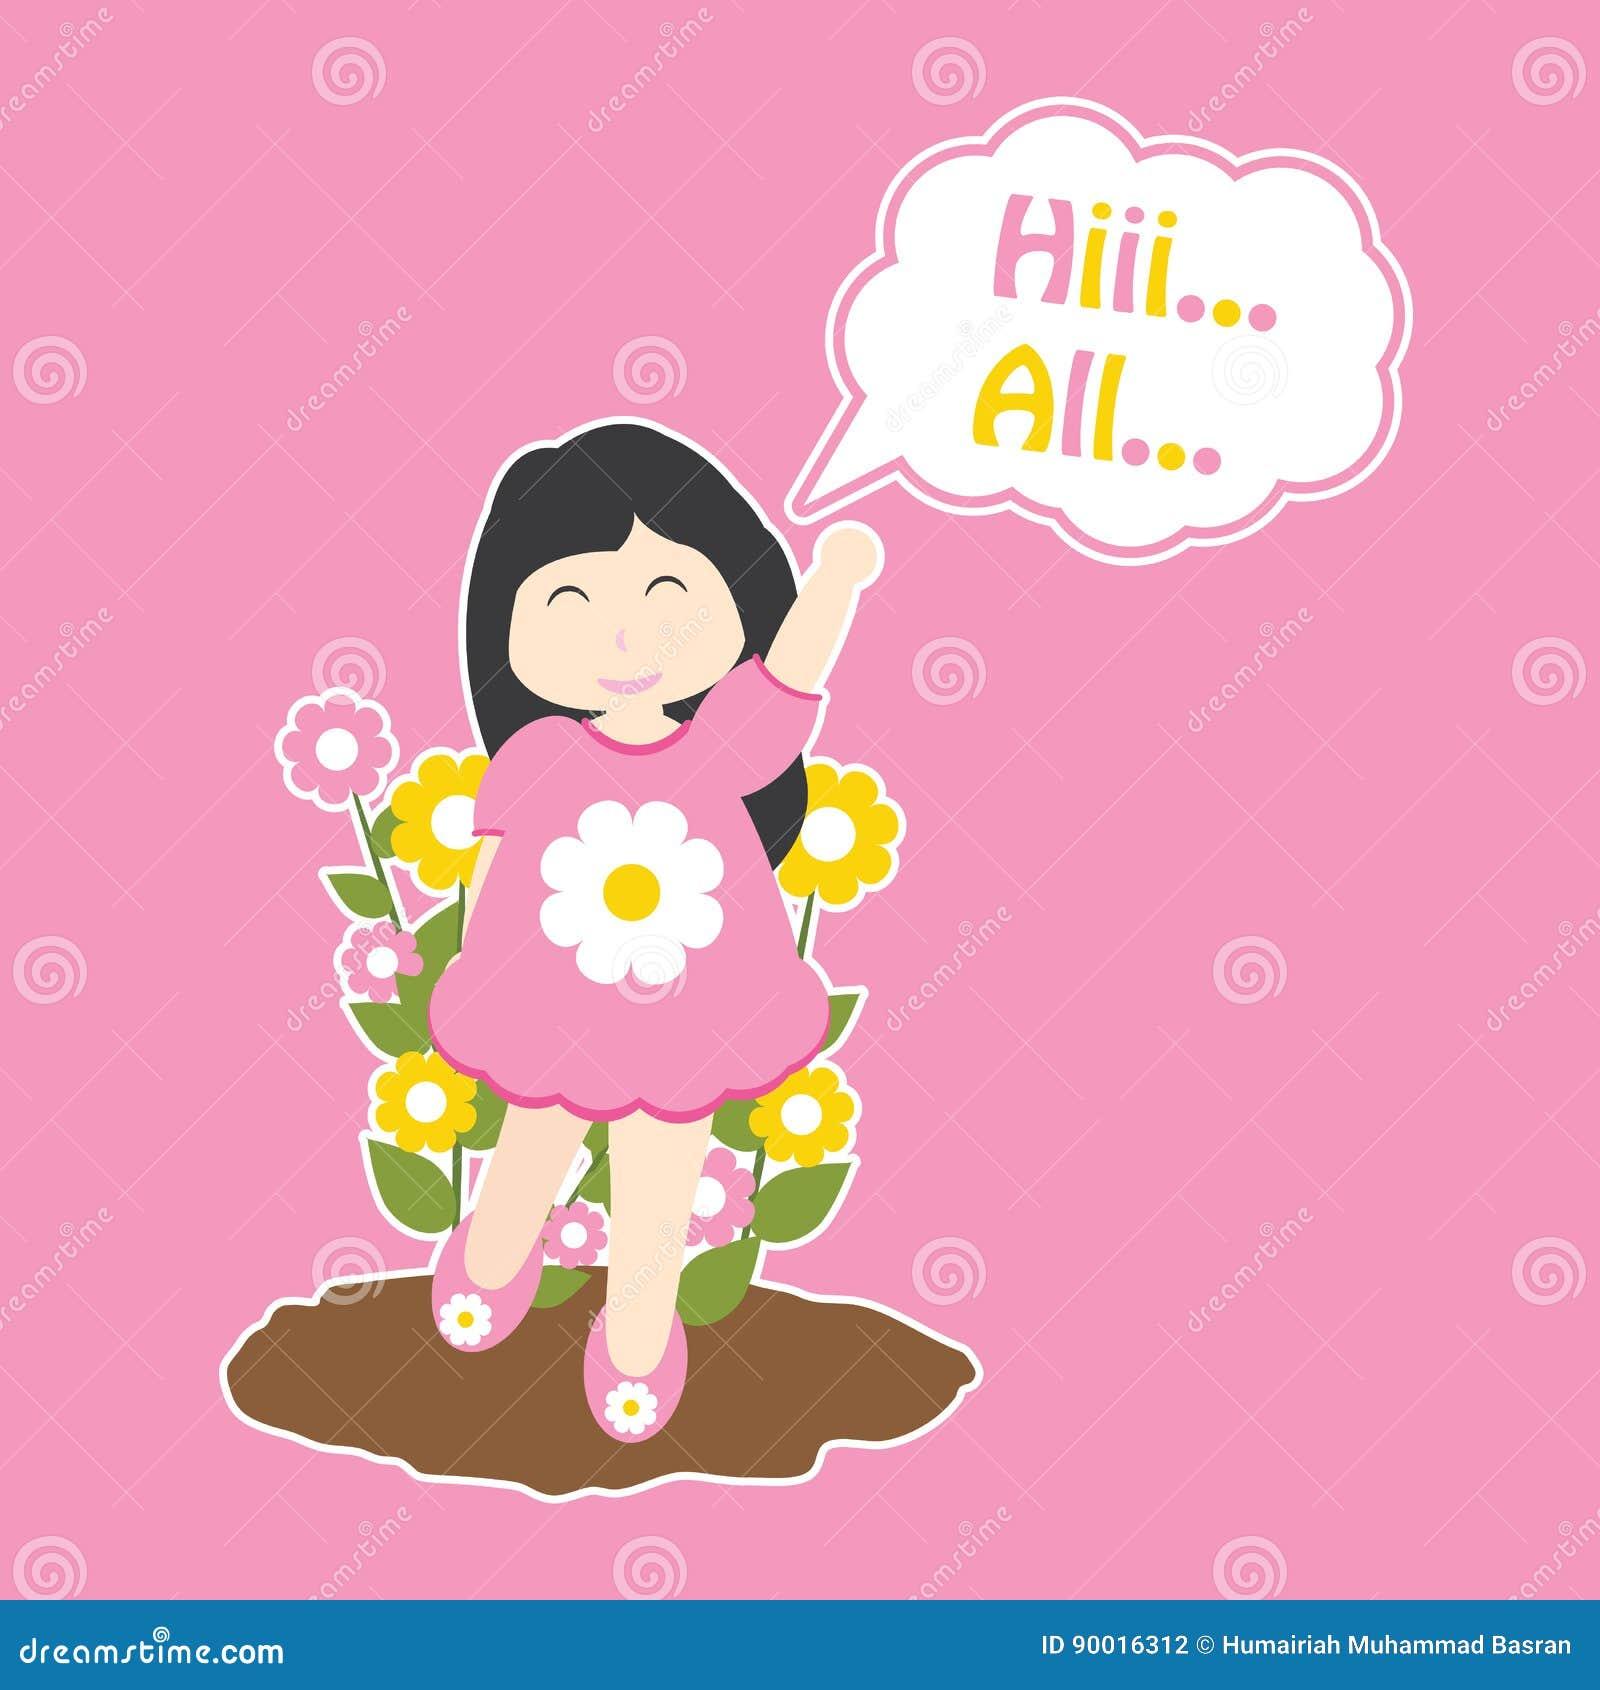 Girl Say Hi Stock Illustrations – 27 Girl Say Hi Stock Illustrations